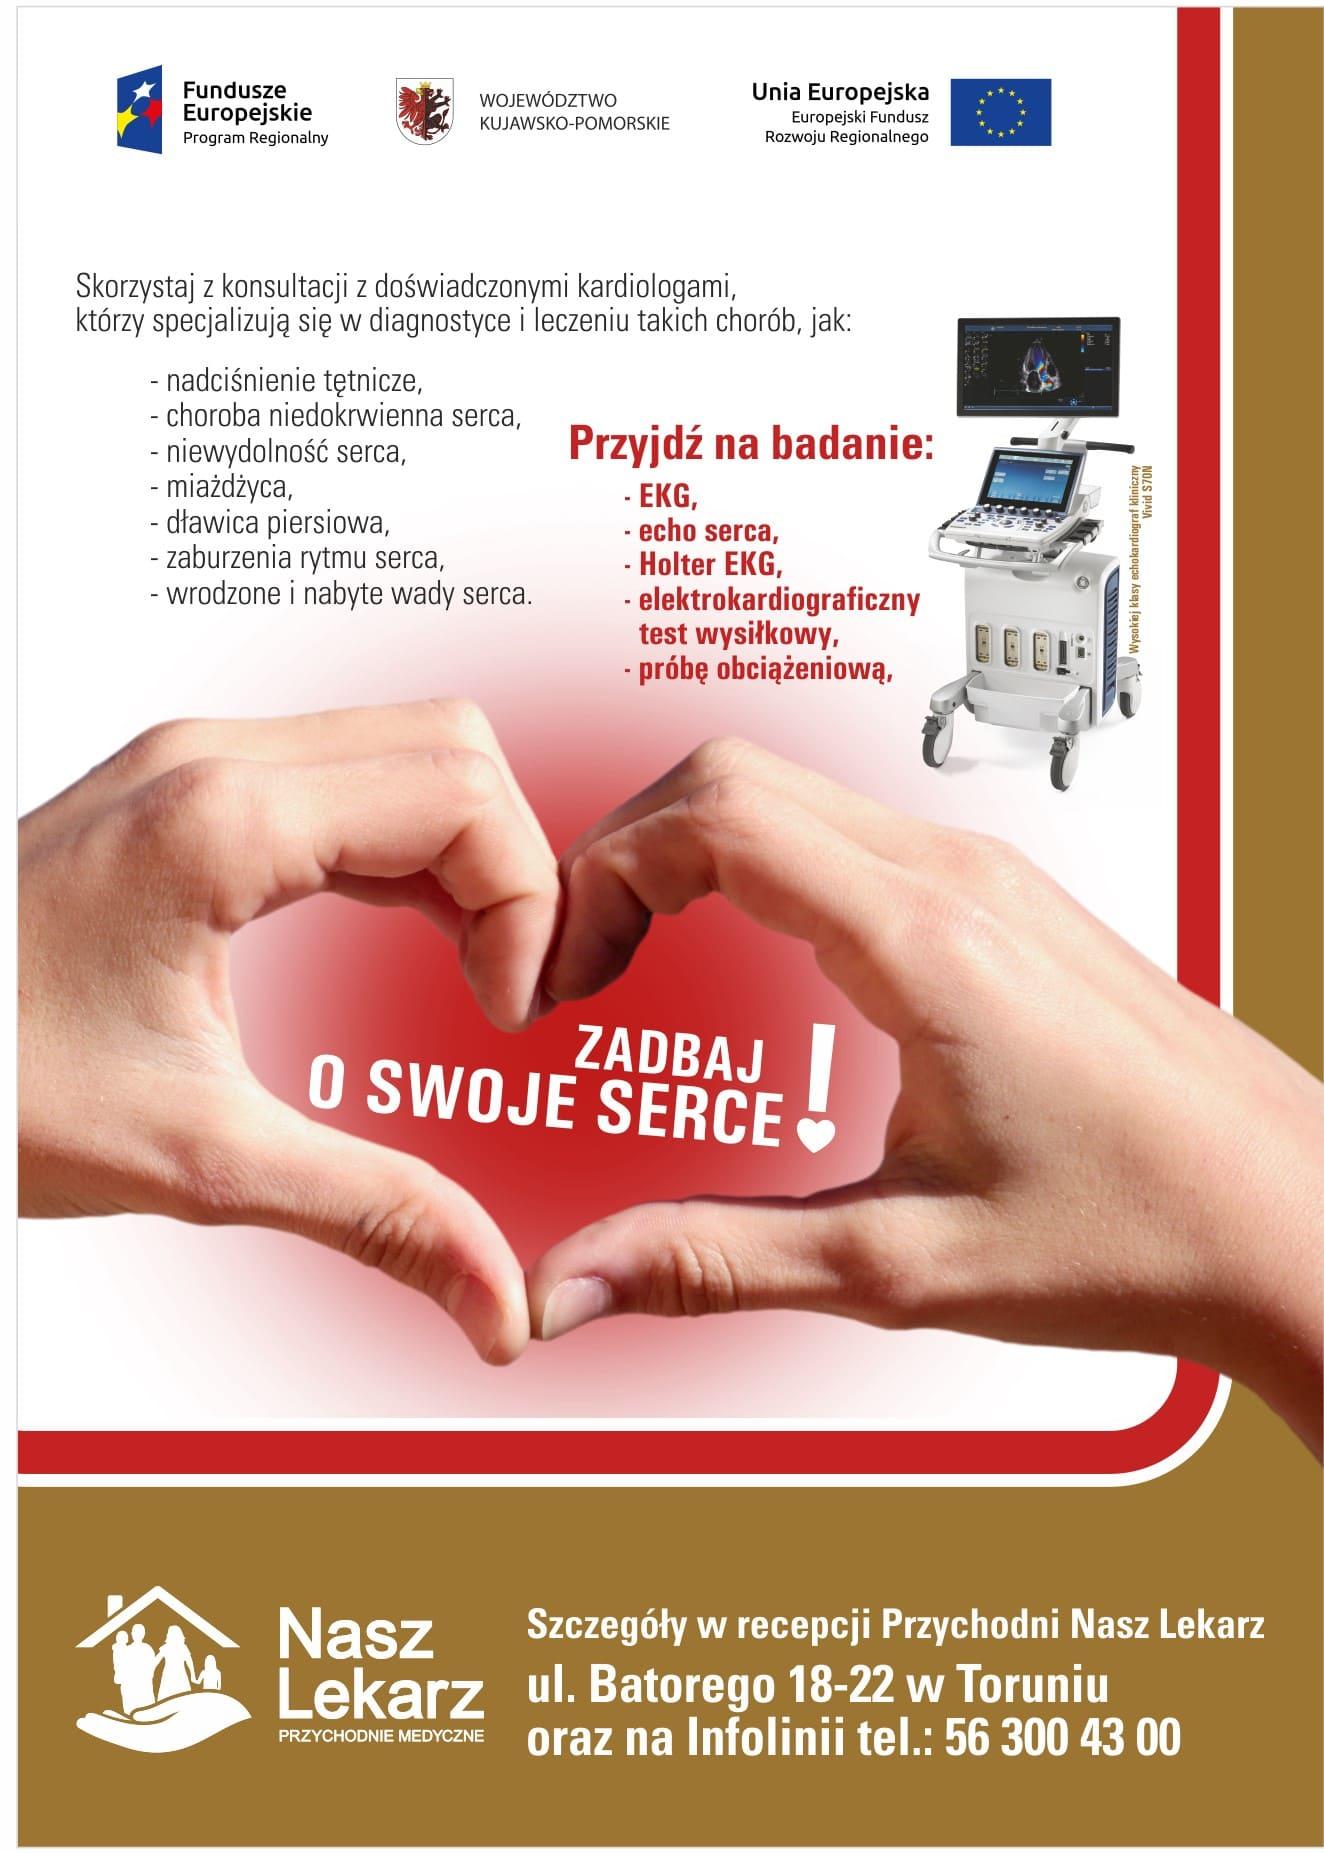 EKG - zadbaj o swoje serce razem z przychodniami medycznymi Nasz Lekarz